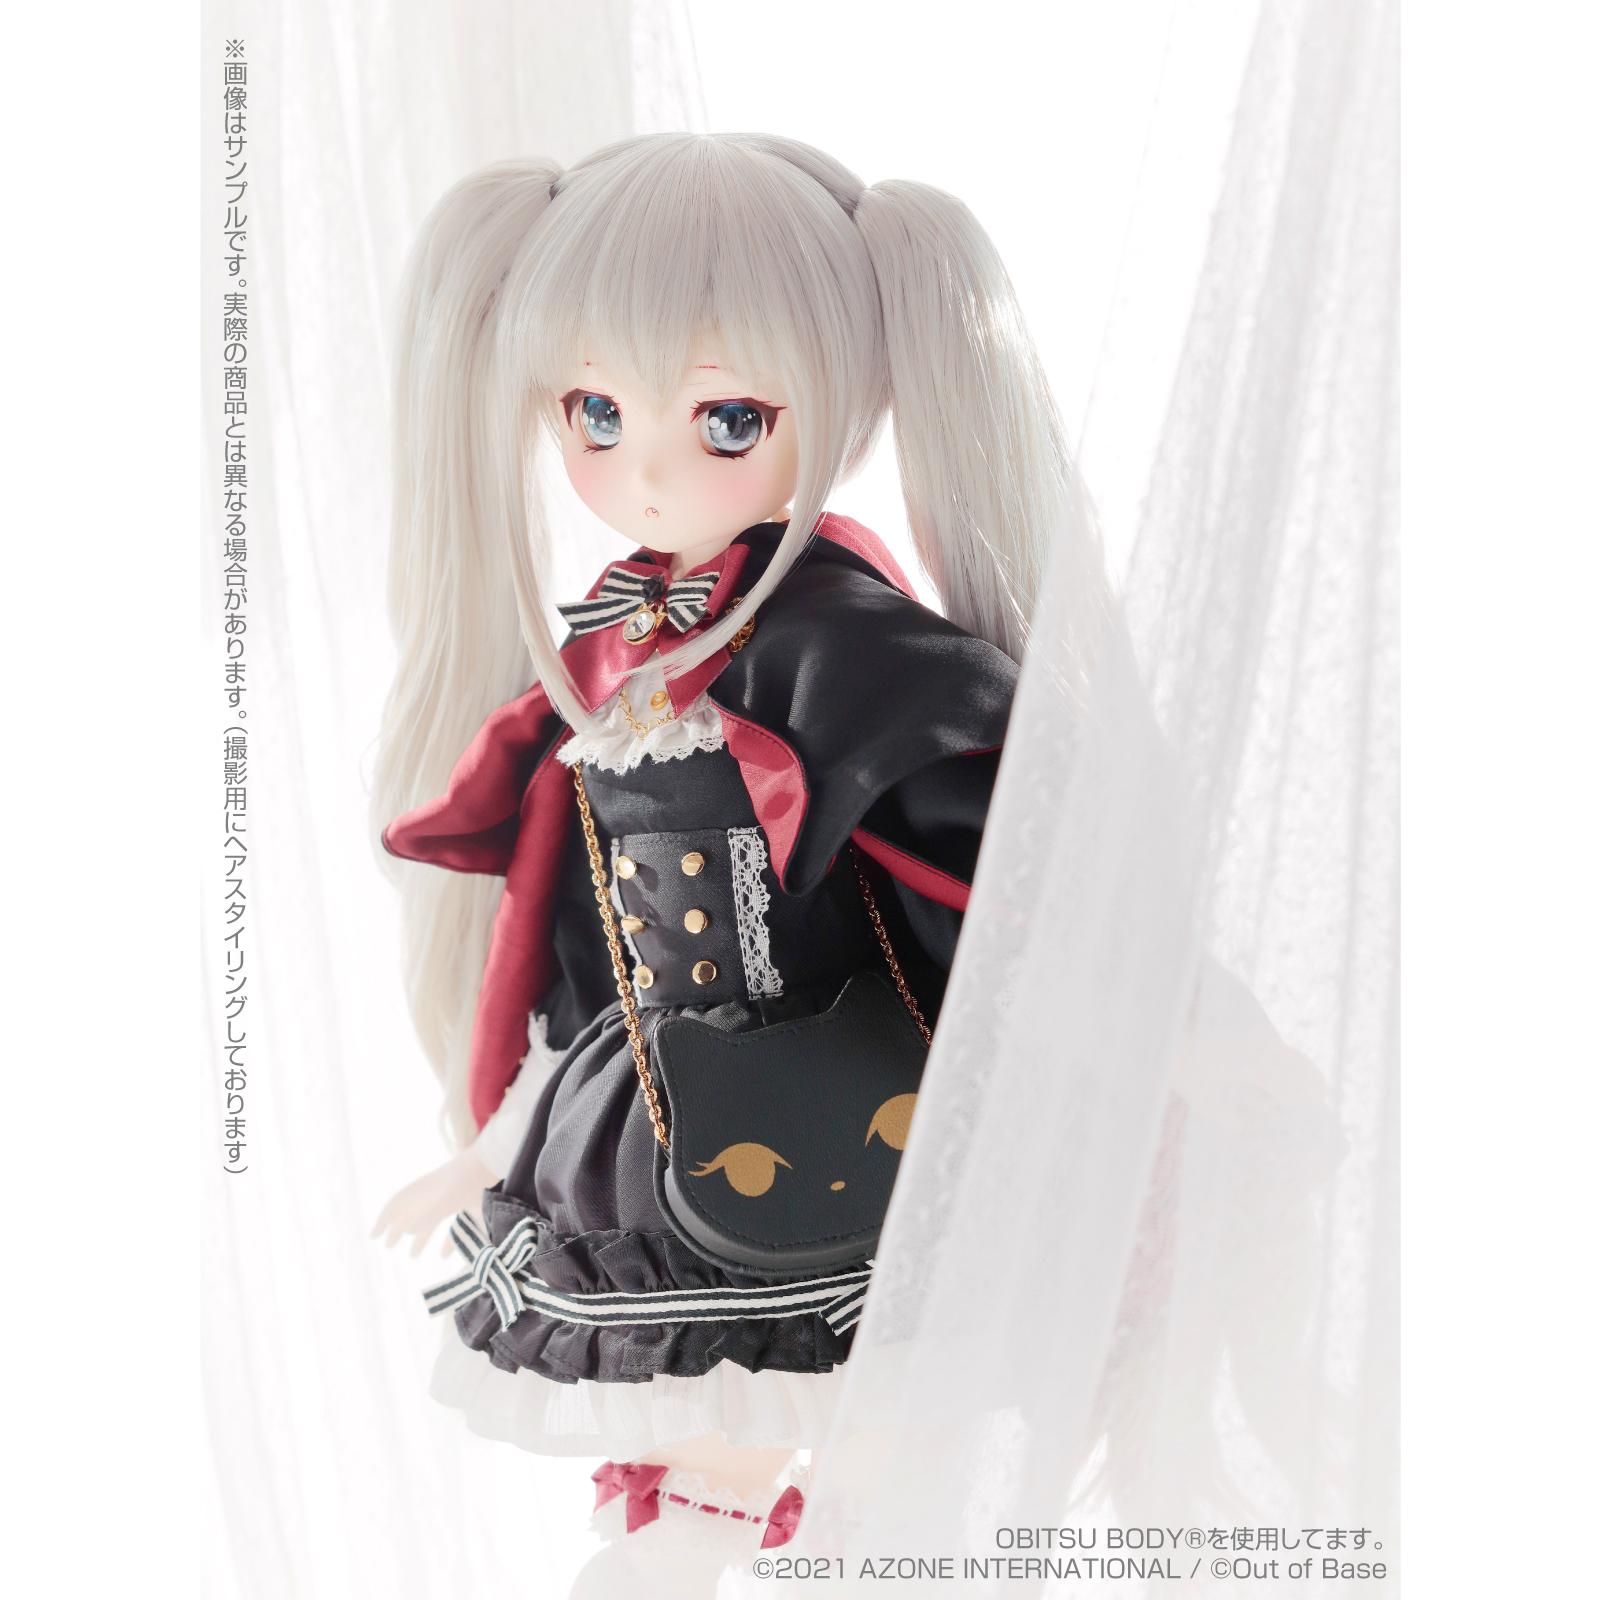 Iris Collect petit『すずね/~Wonder fraulein~Goth×Loli cats(通常販売ver.)』アイリスコレクト プチ 1/3 完成品ドール-002